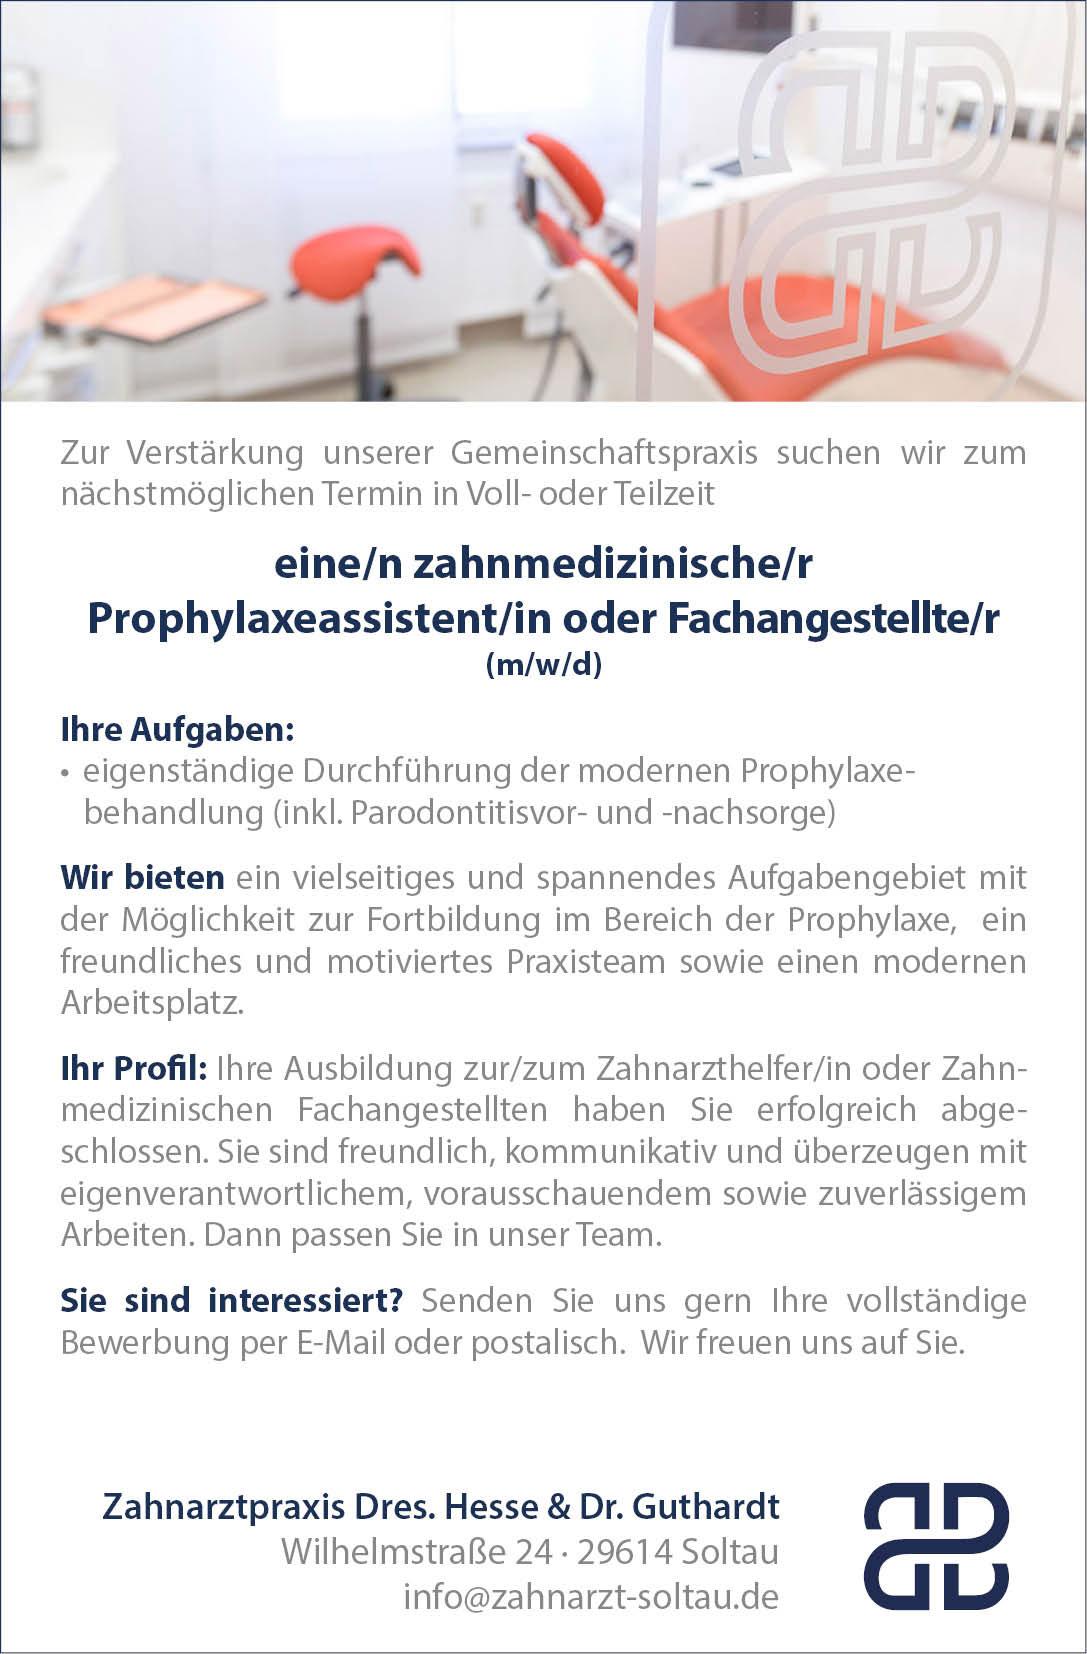 Vorschau Zahnmedizinsiche Prophylaxeassistentin